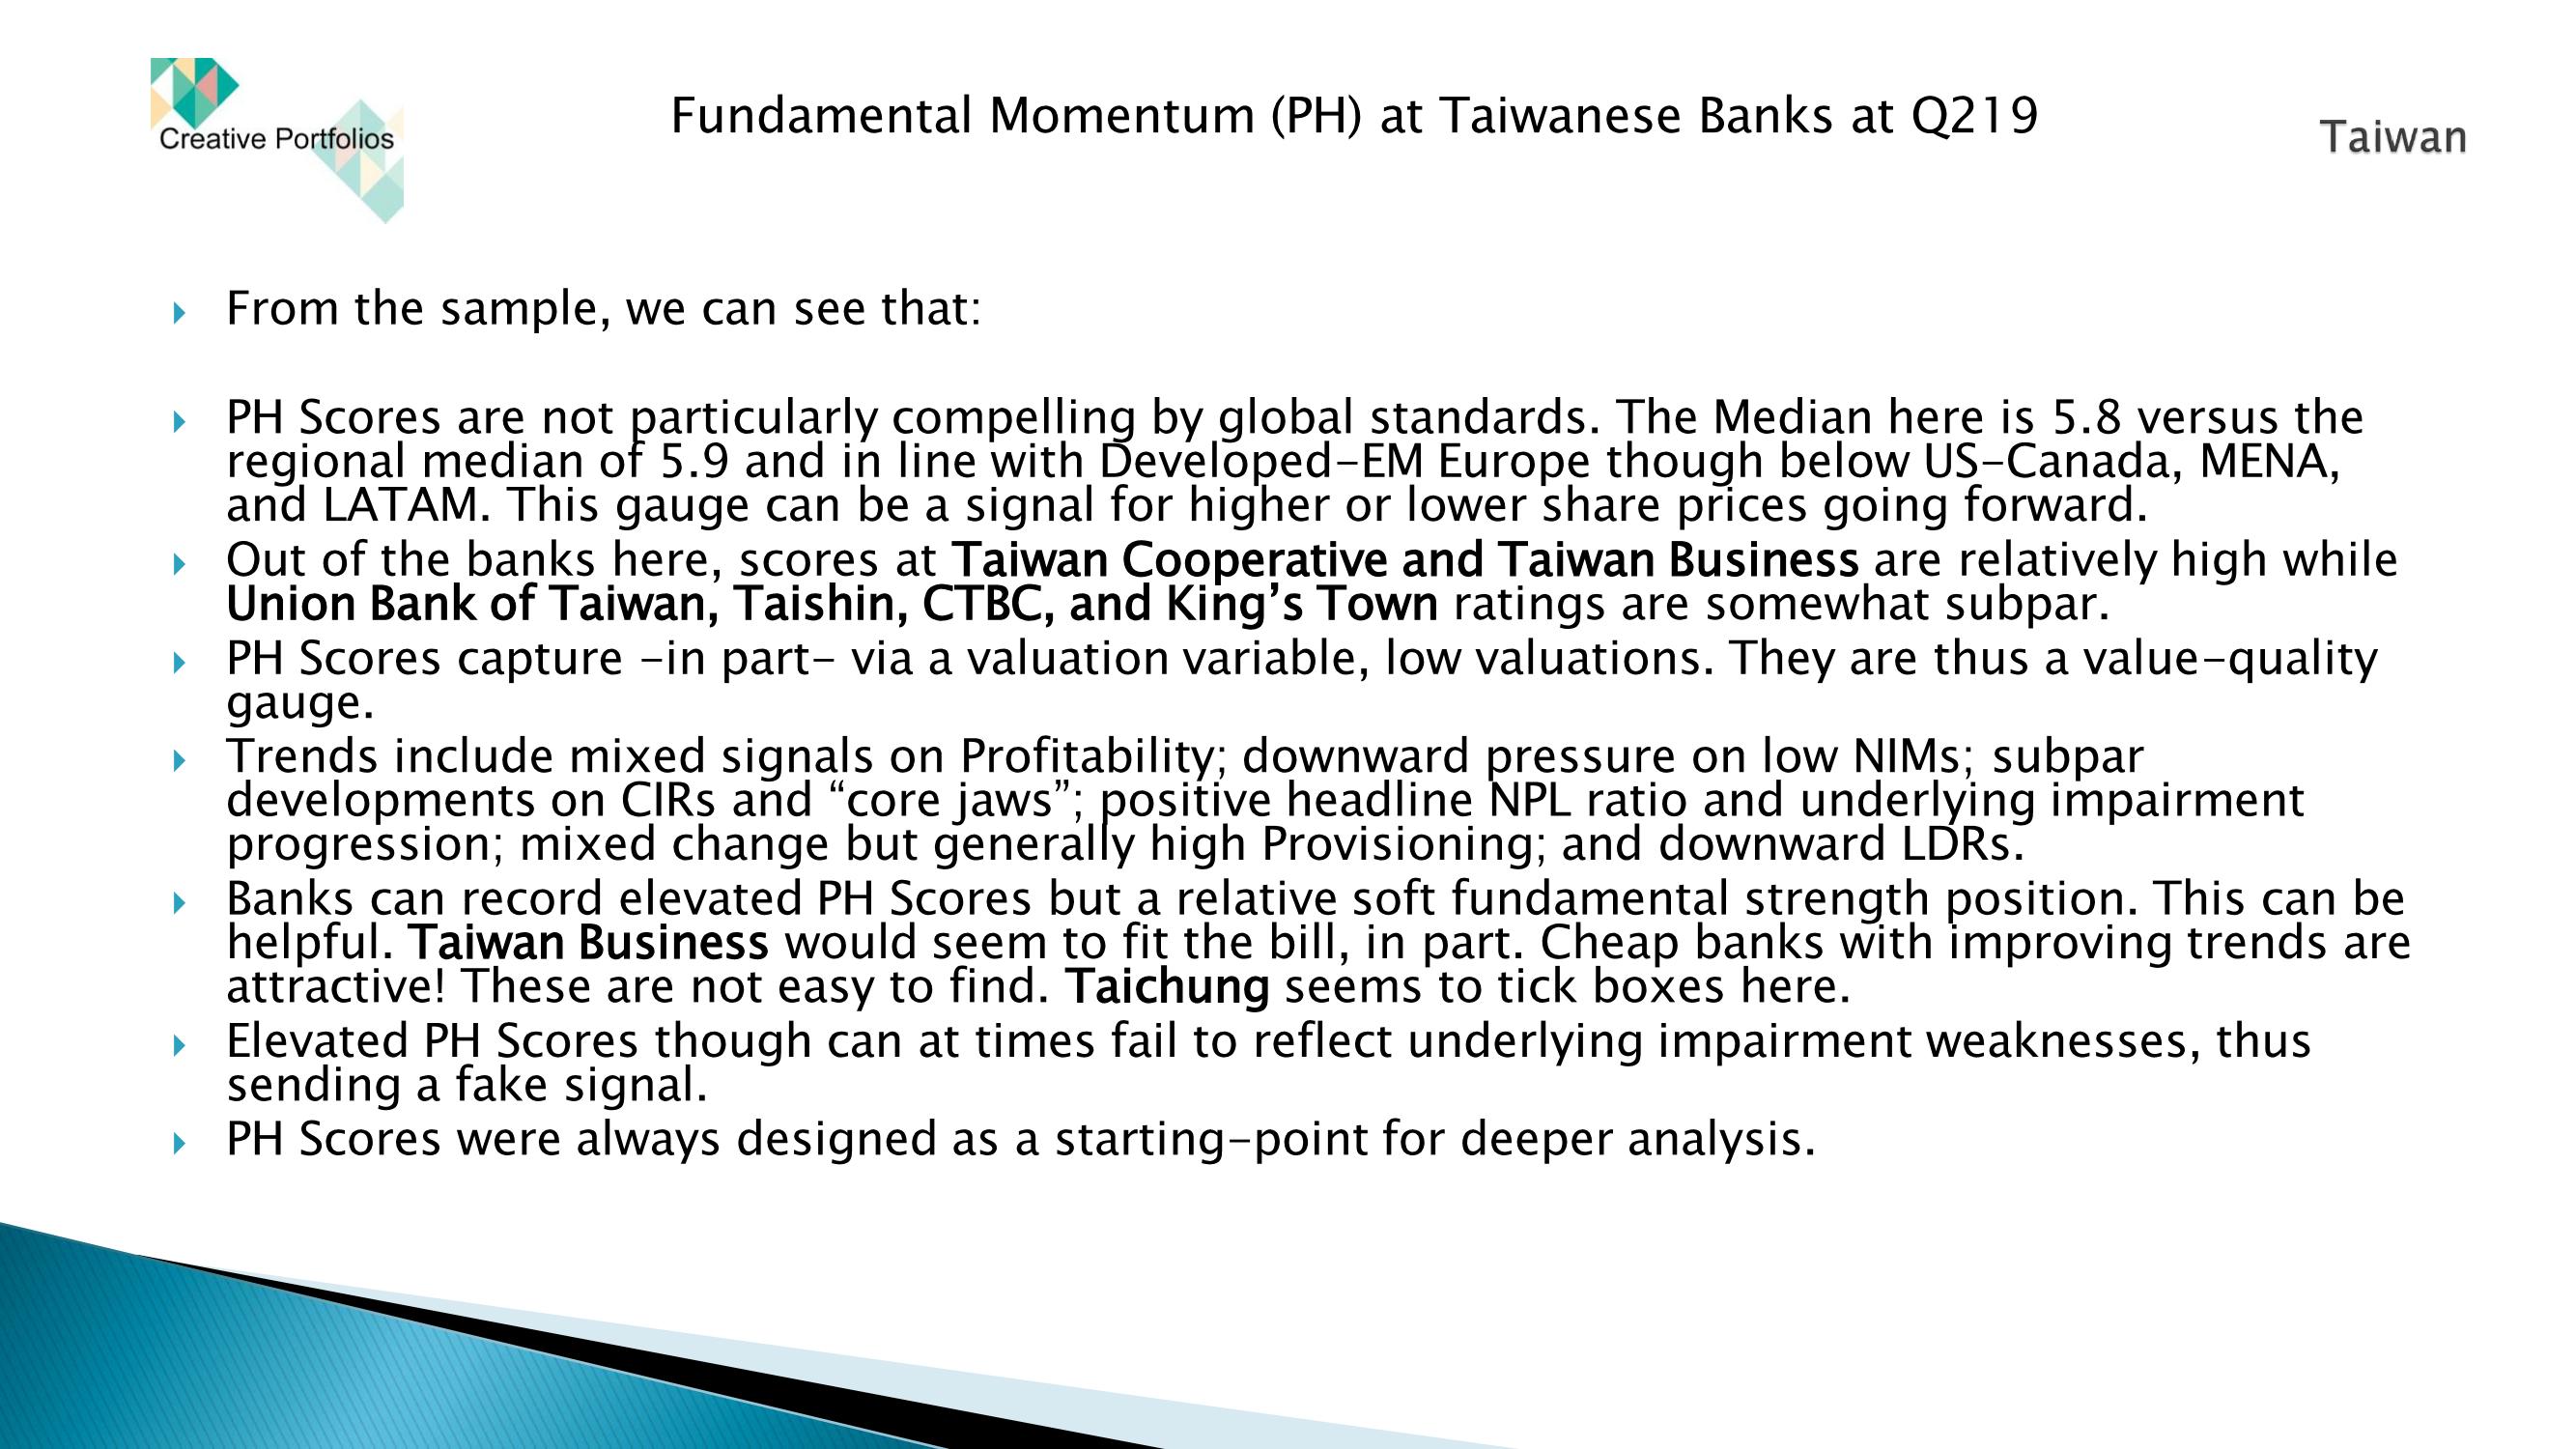 Taiwan%20banks%20at%20q219 page 5